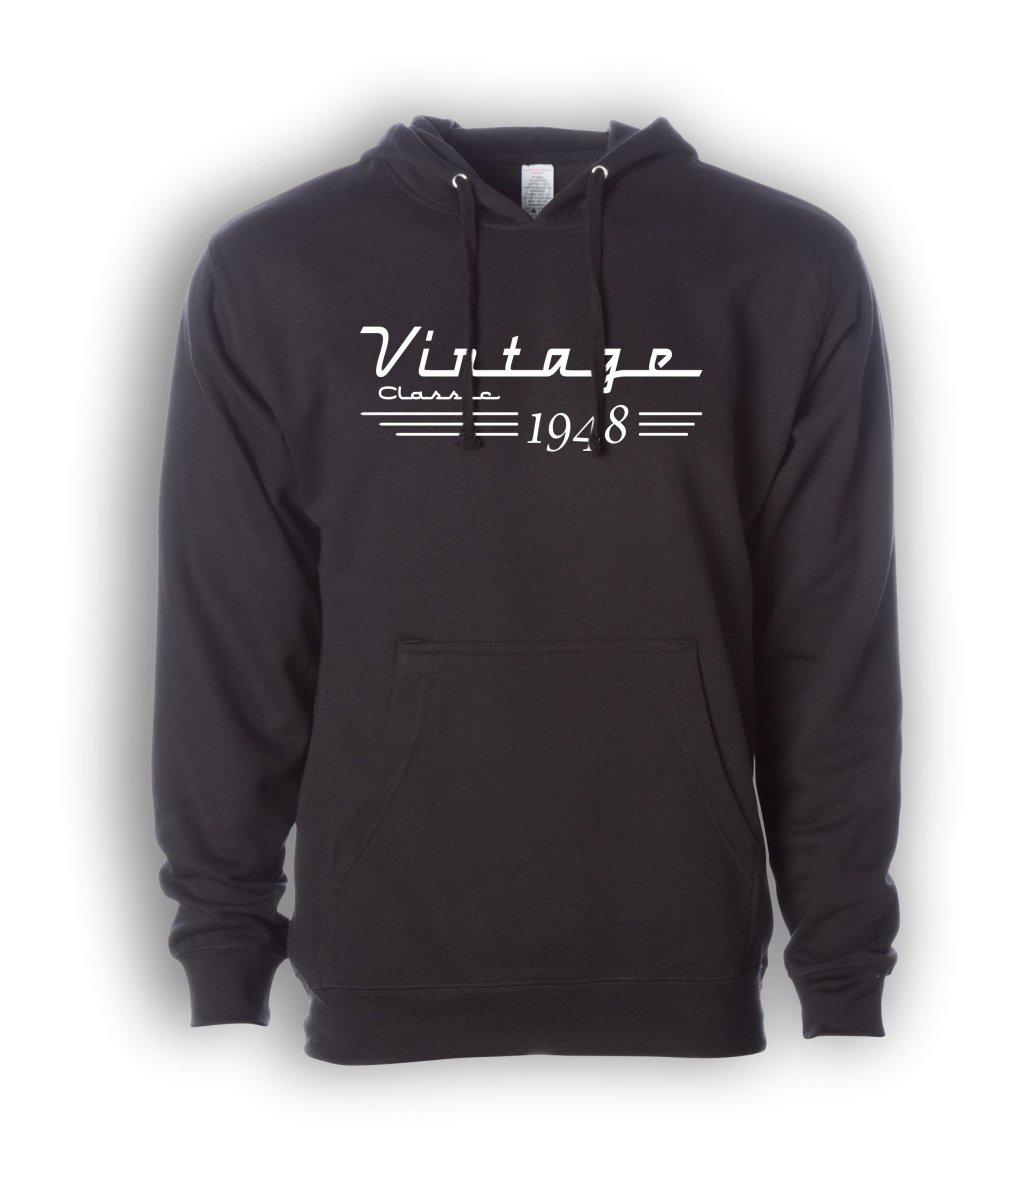 70th Birthday Hoodie Sweatshirt – 70th Birthday Gift – Born in 1948 – Gift For 70th Birthday – Dad Birthday – Grandpa Birthday – Hoody